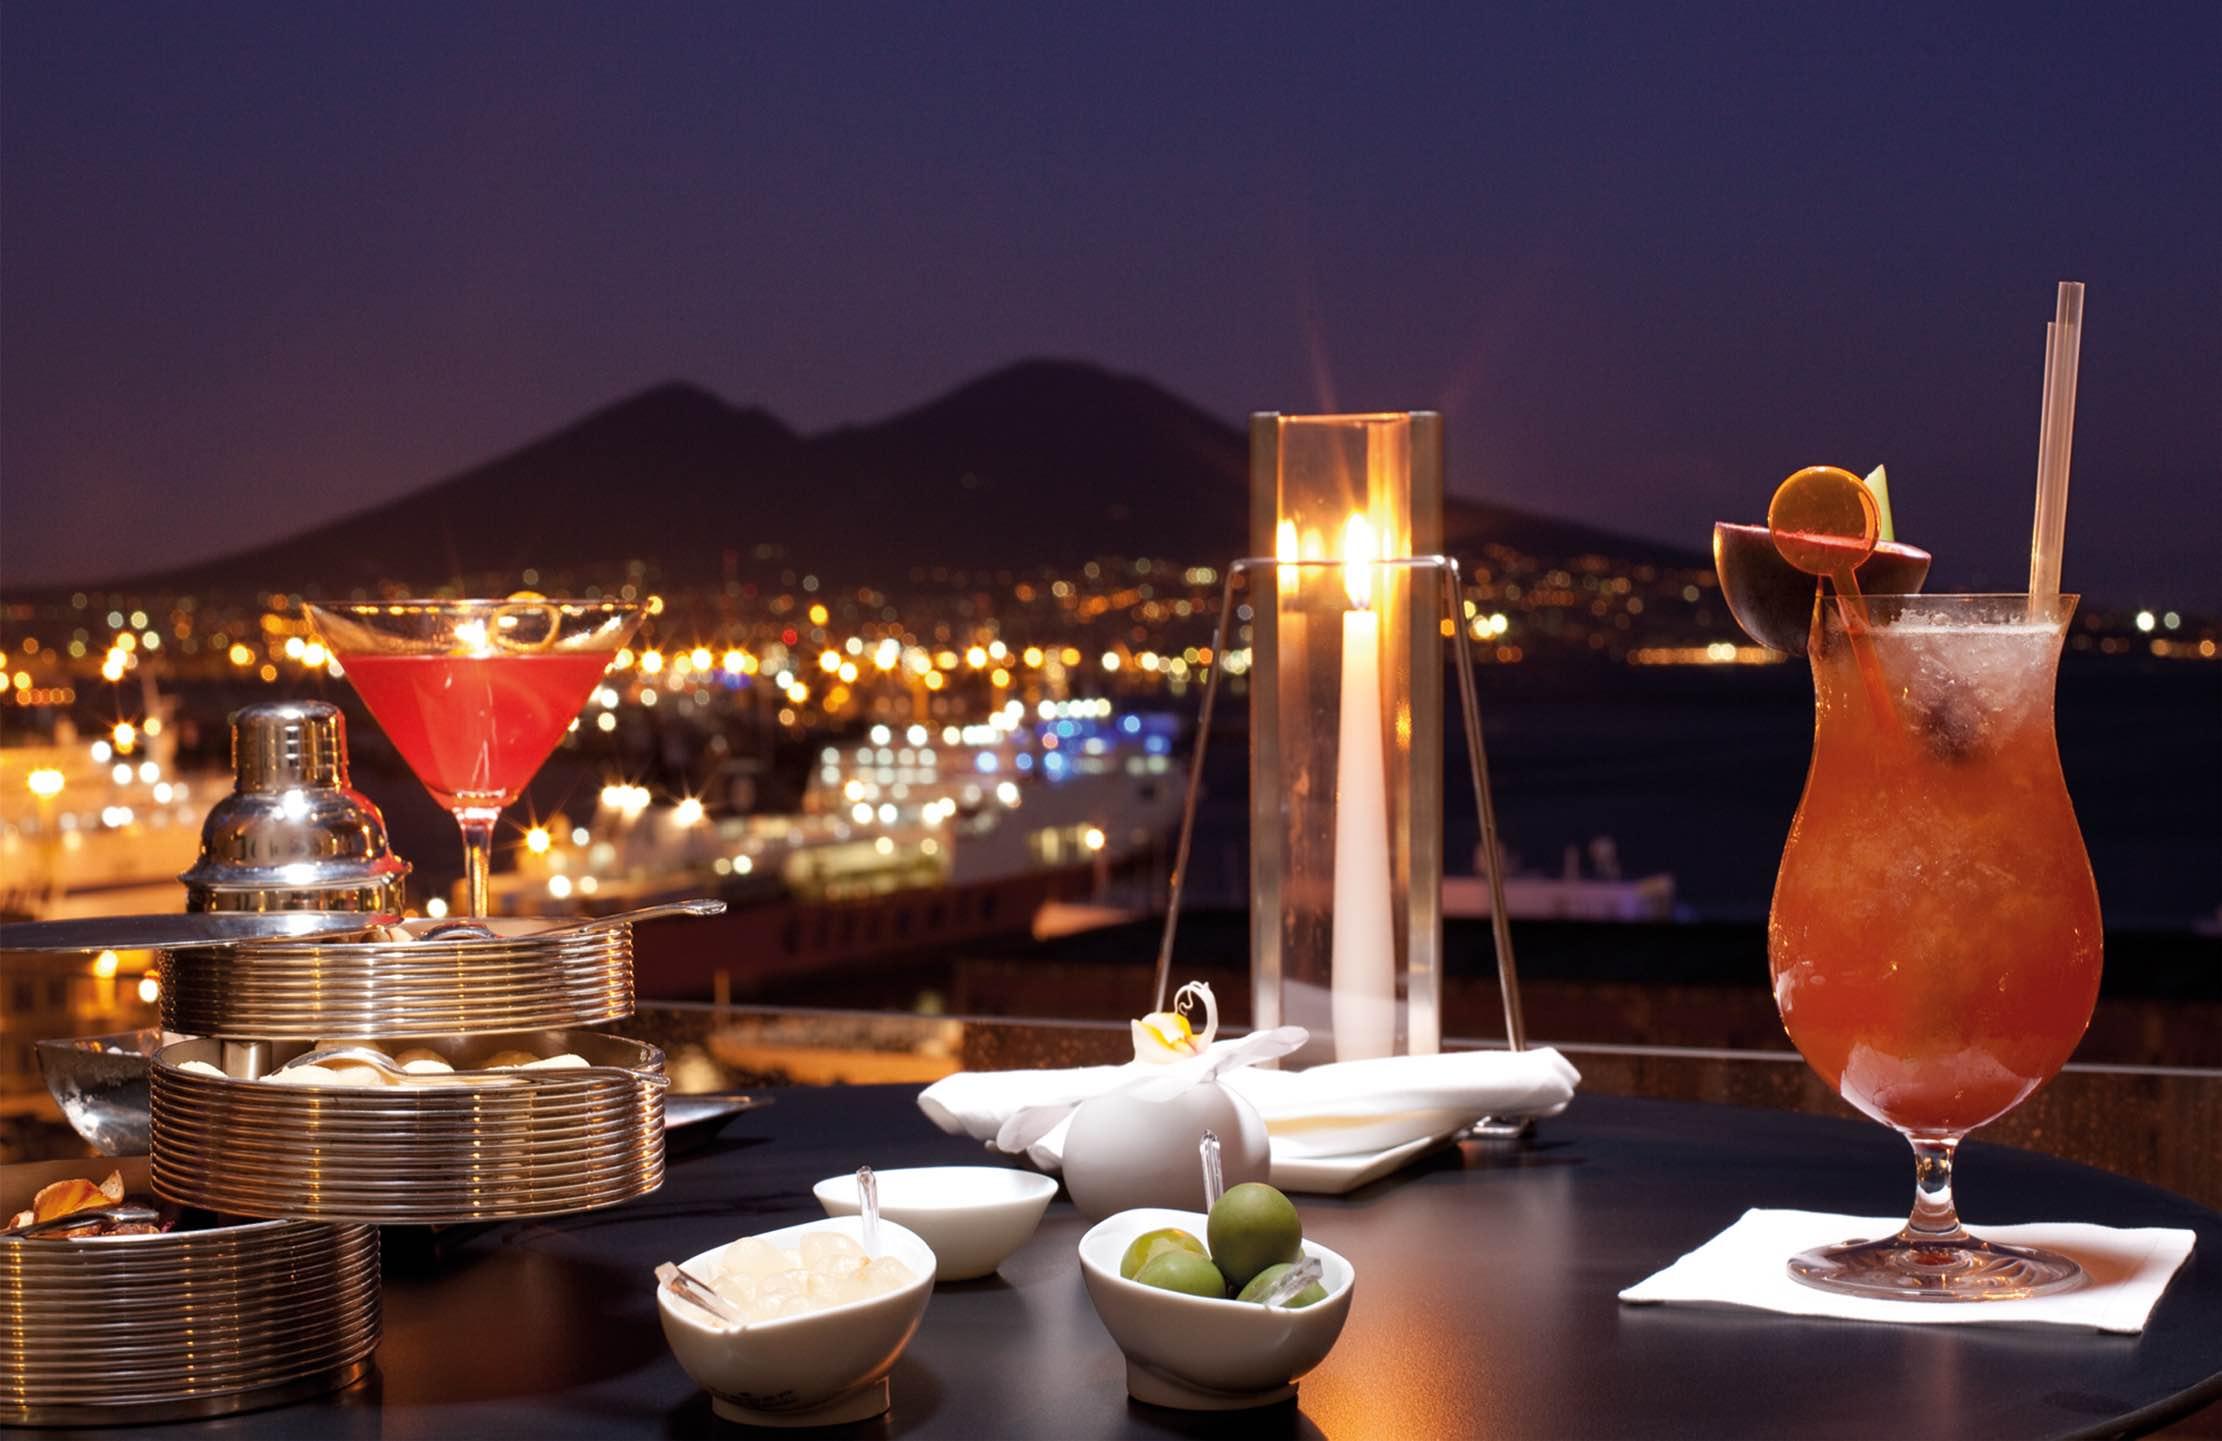 Romeo hotel - Naples View 1.jpg